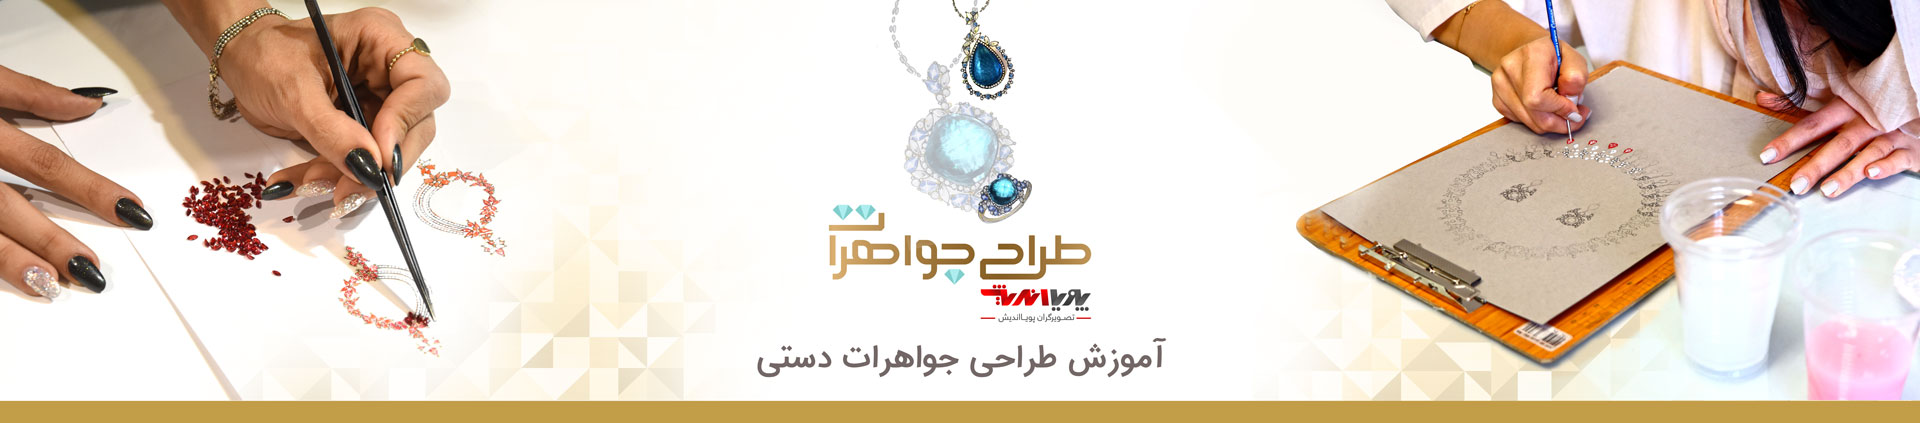 آموزش طراحی جواهرات با دست